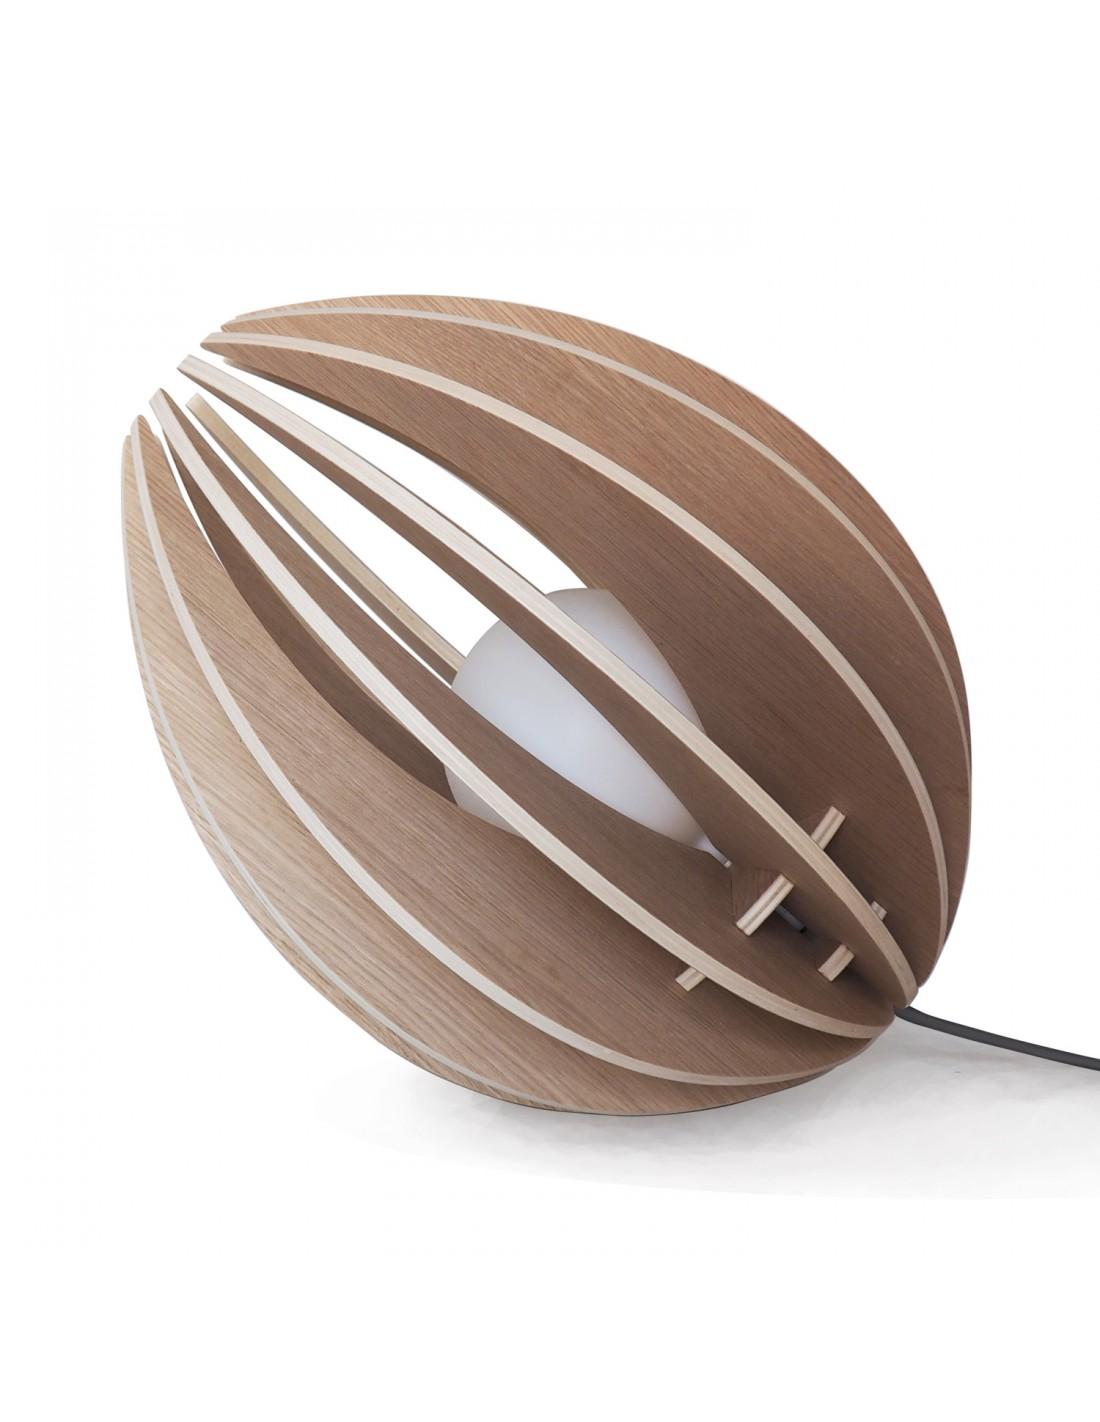 maison du monde Lampe à poser en bois avec fil noir sans ampoule